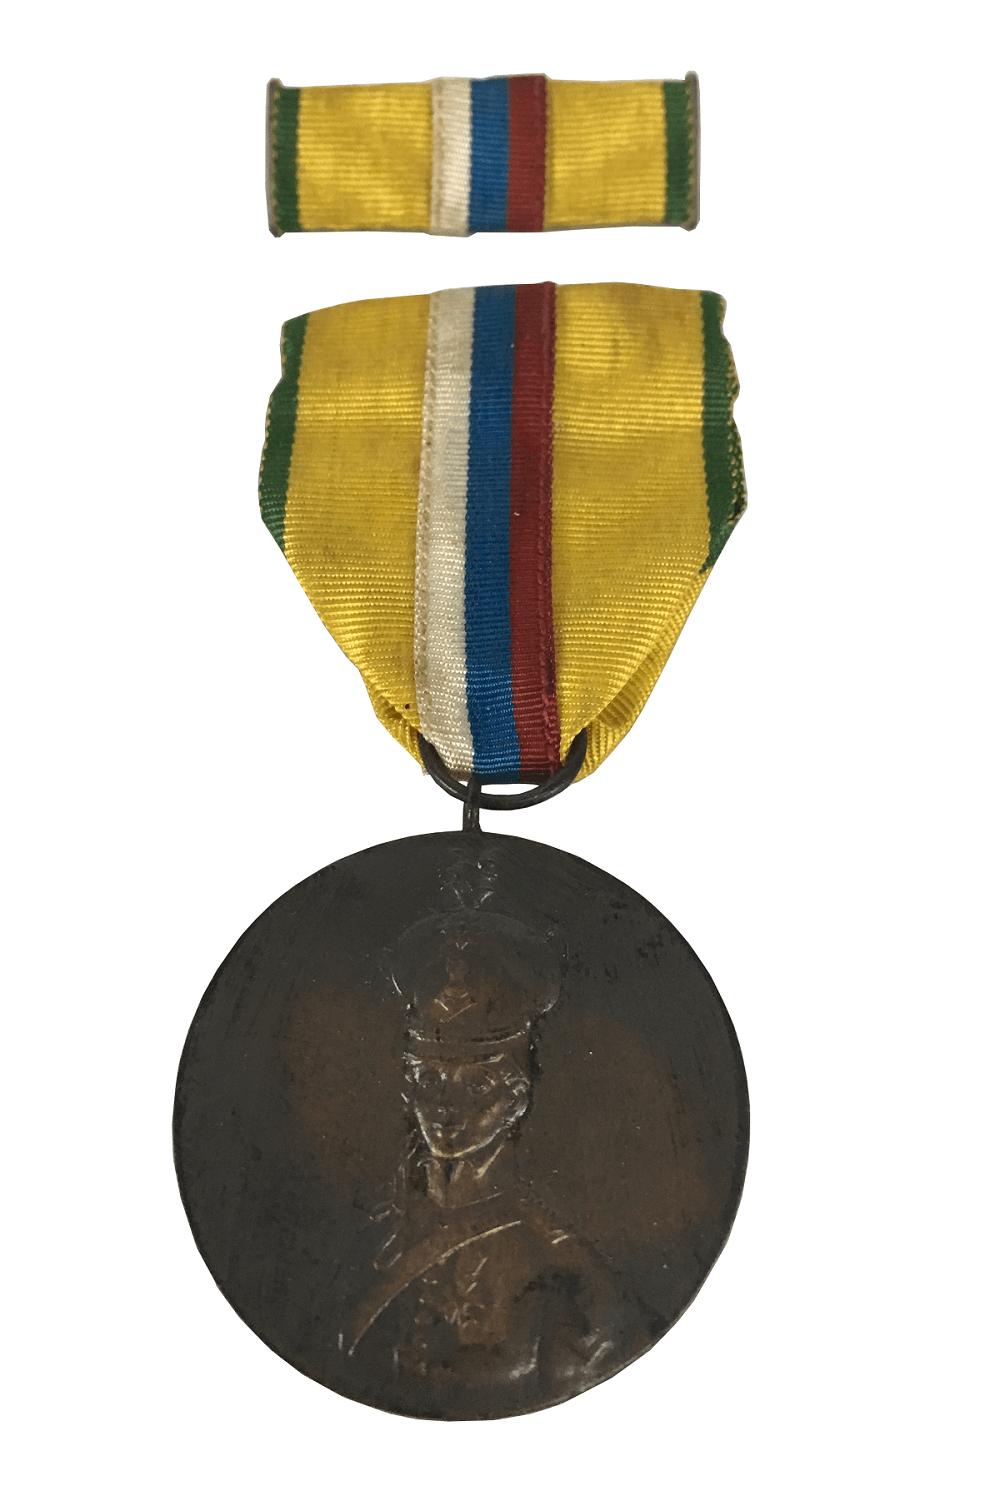 Antiga Medalha Militar Centenario Maria Quiteria